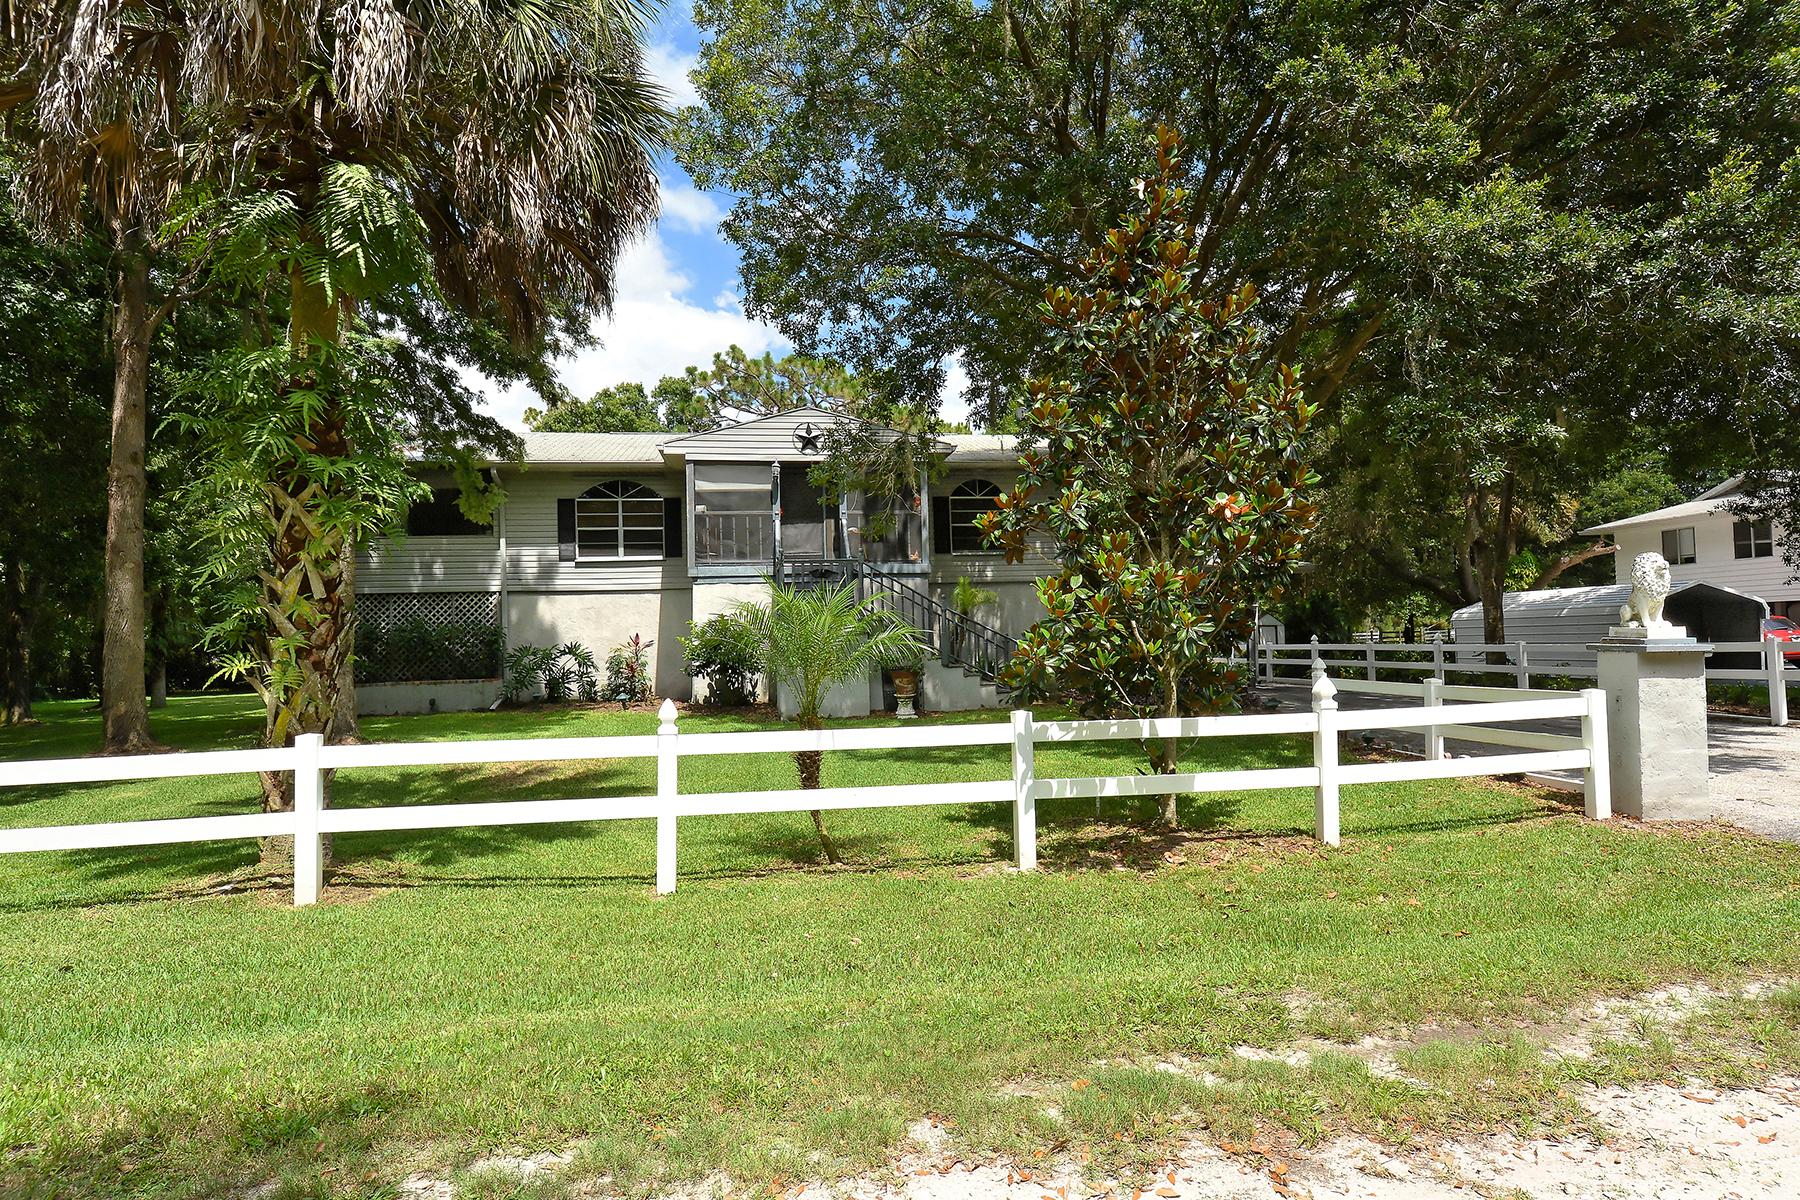 独户住宅 为 销售 在 BRADENTON 1075 134th St NE Bradenton, 佛罗里达州 34212 美国